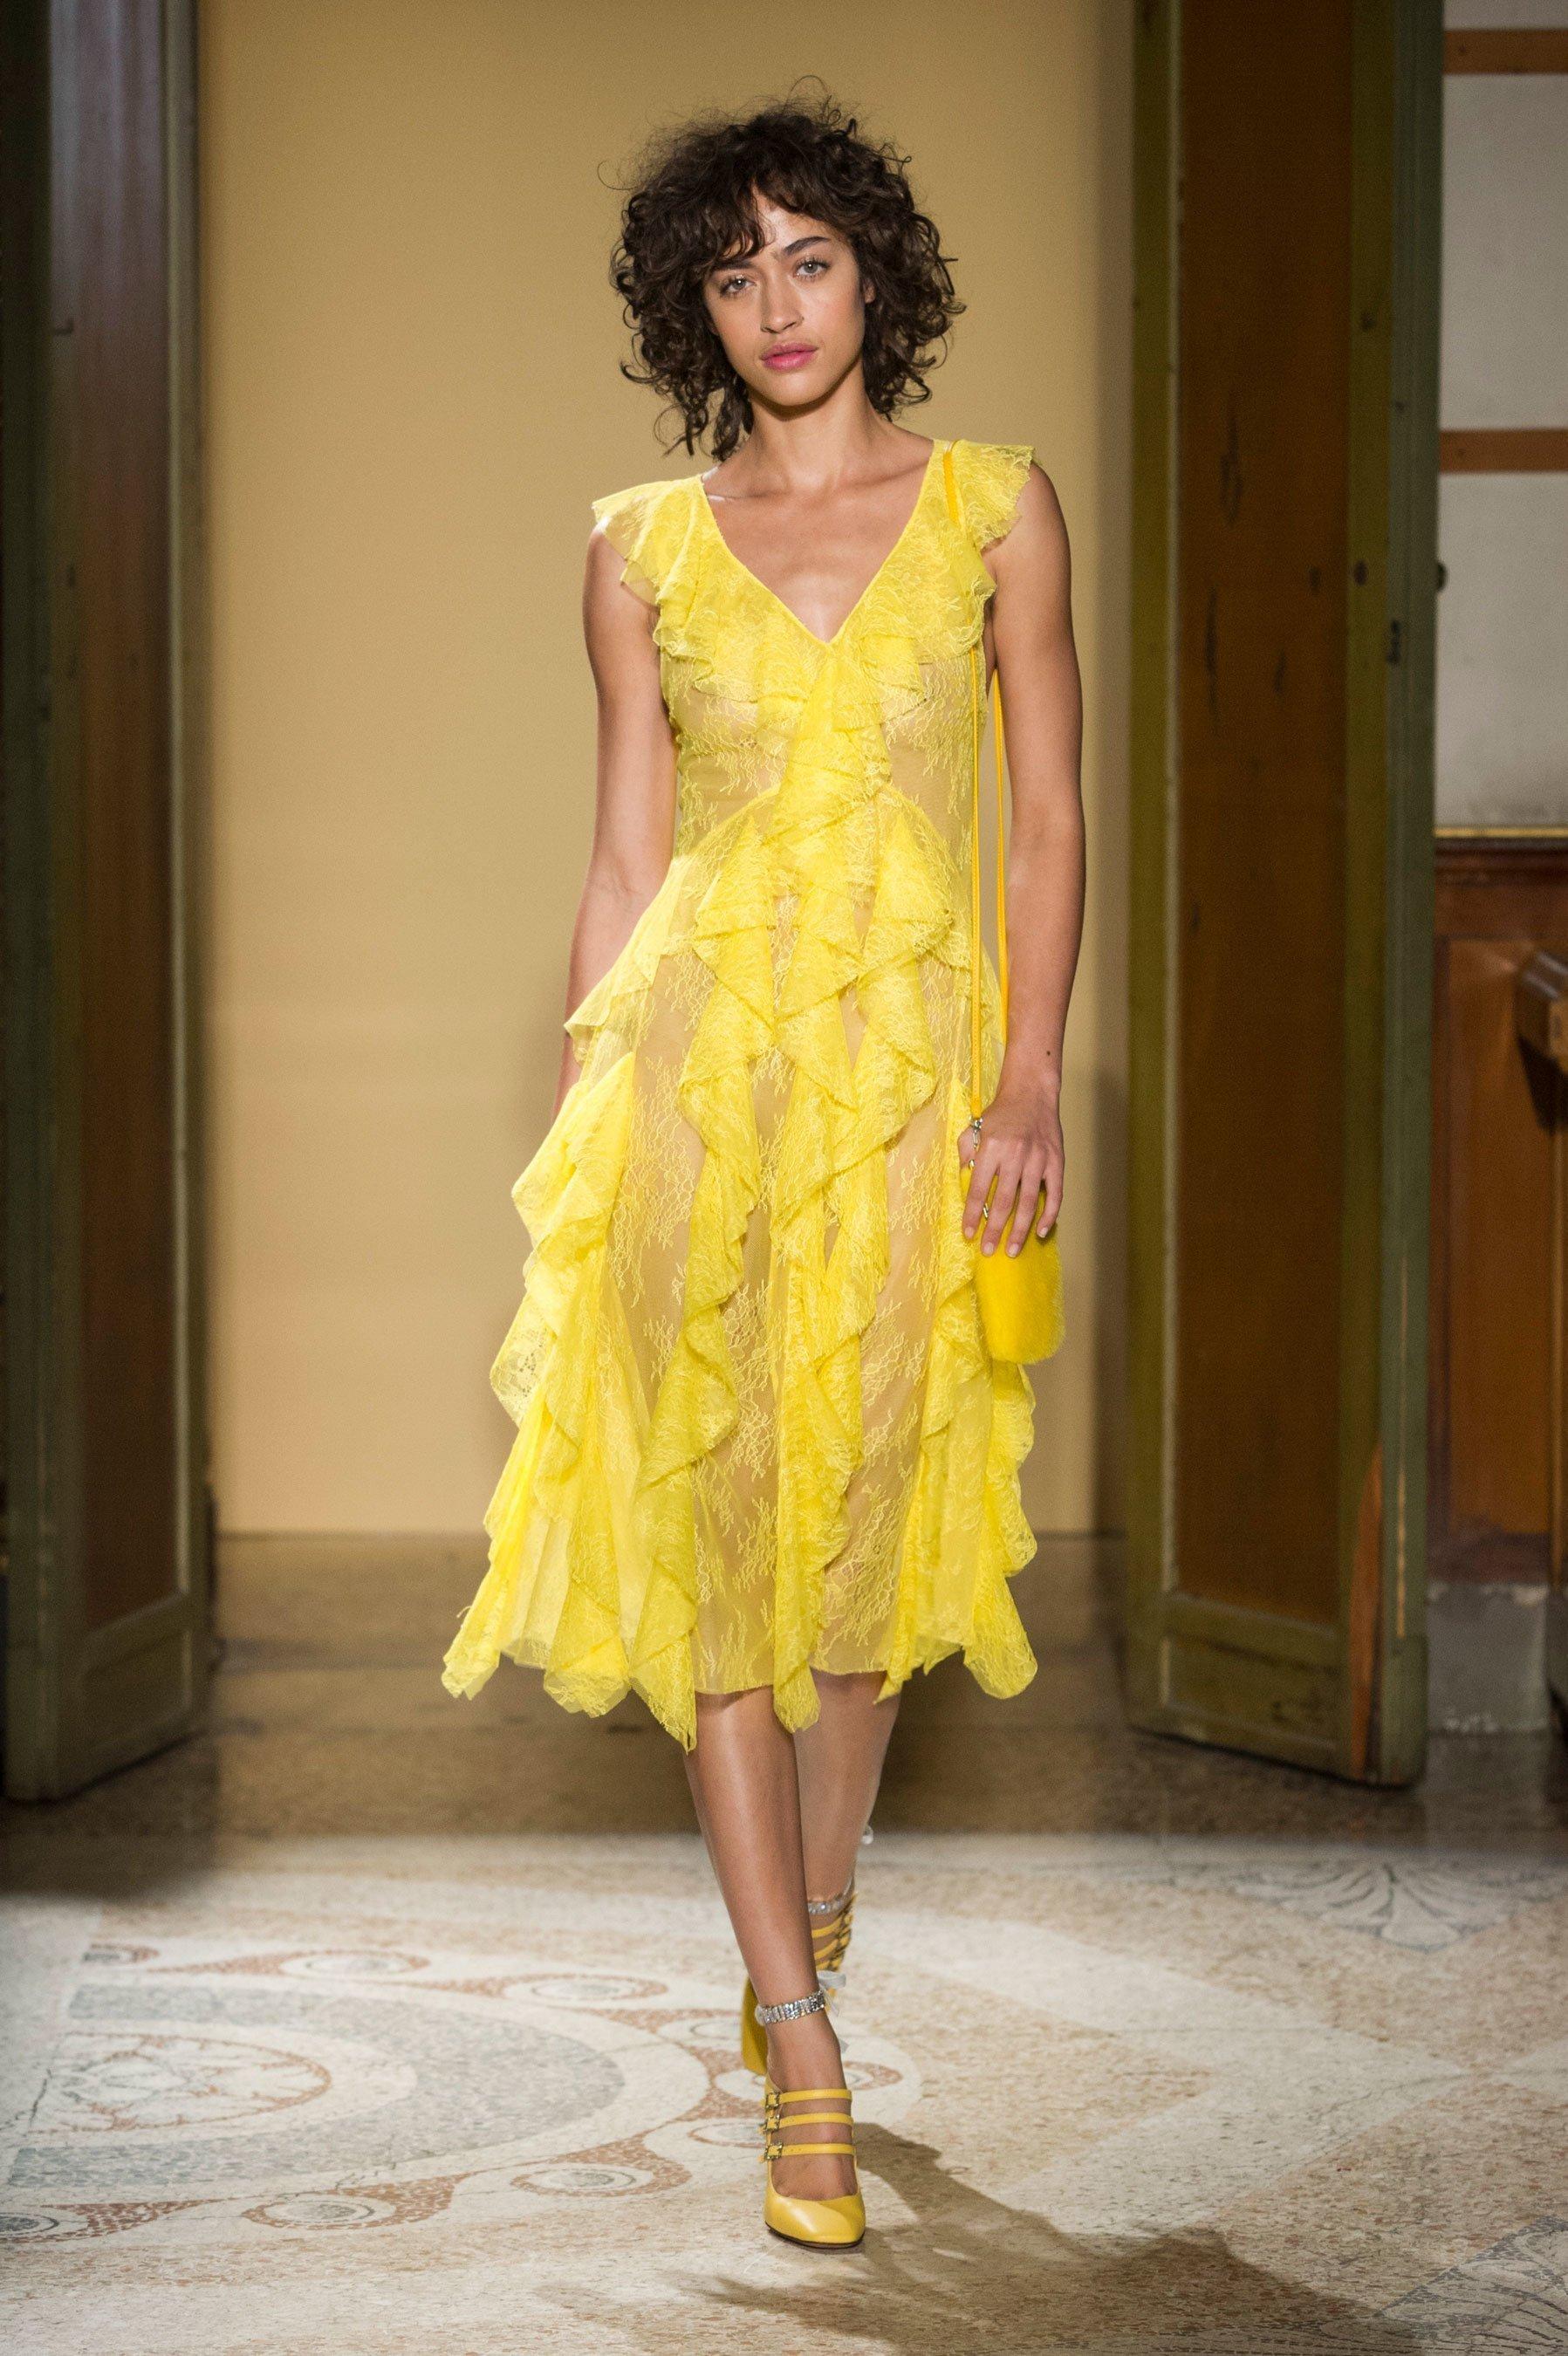 de86eaebb3d2b62 Такой стильный наряд, как платья желтого цвета нужно выбирать с учетом  своей фигуры и характера ...